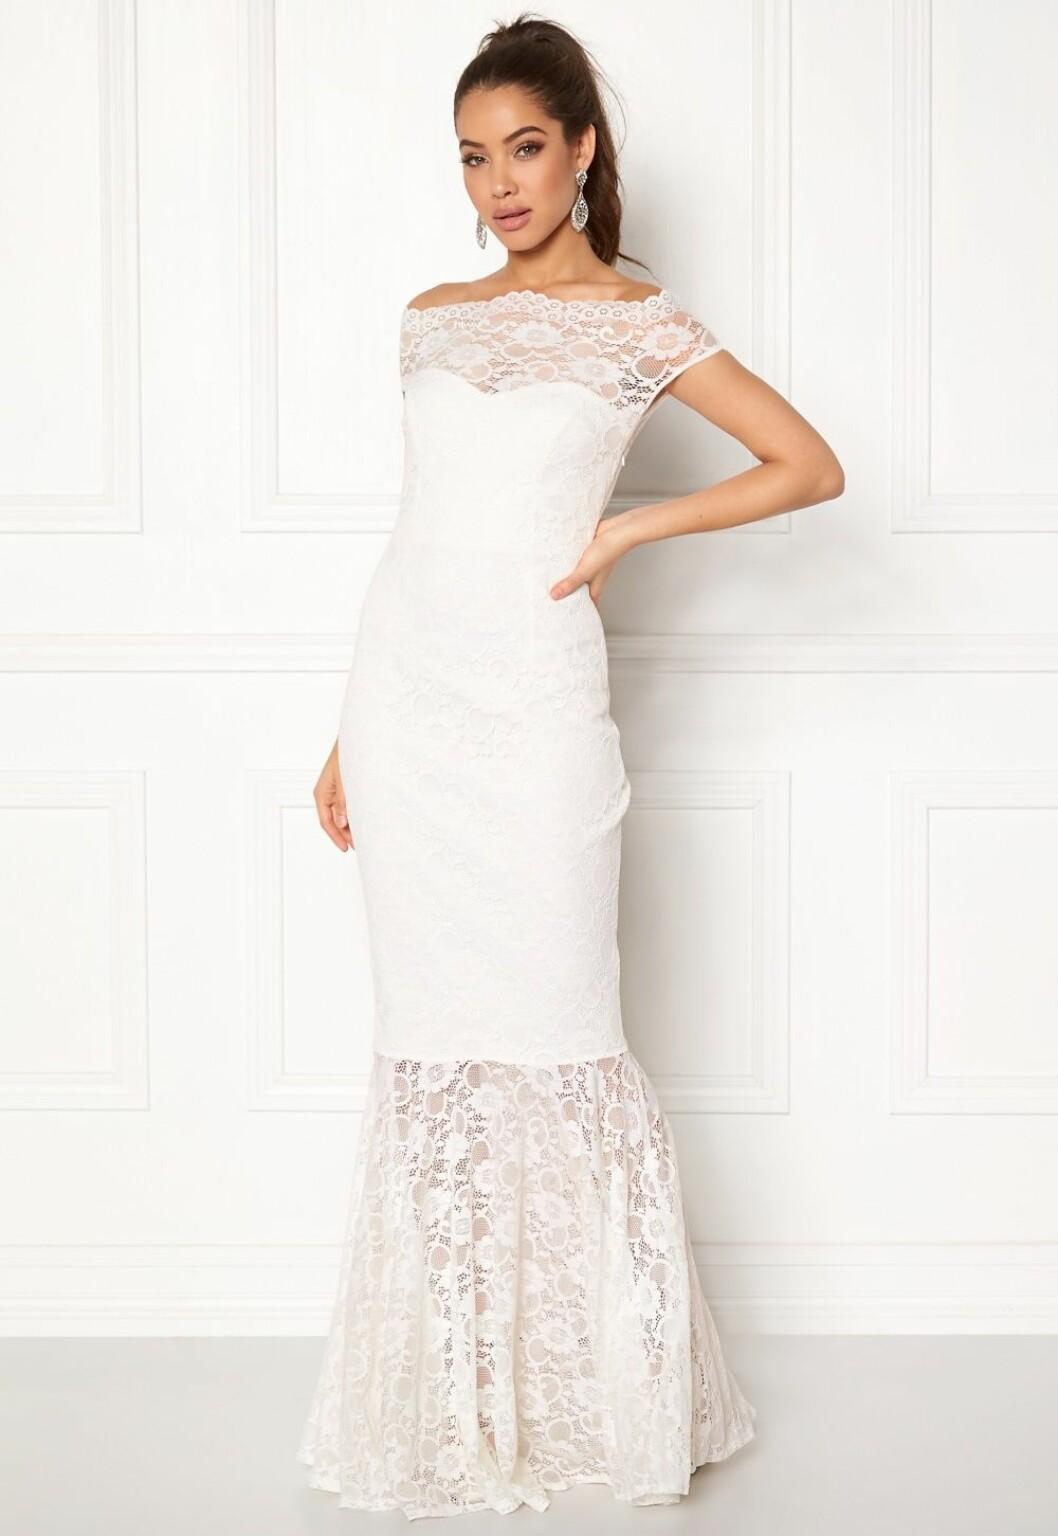 Billig bröllopsklänning i spets till sommaren 2019